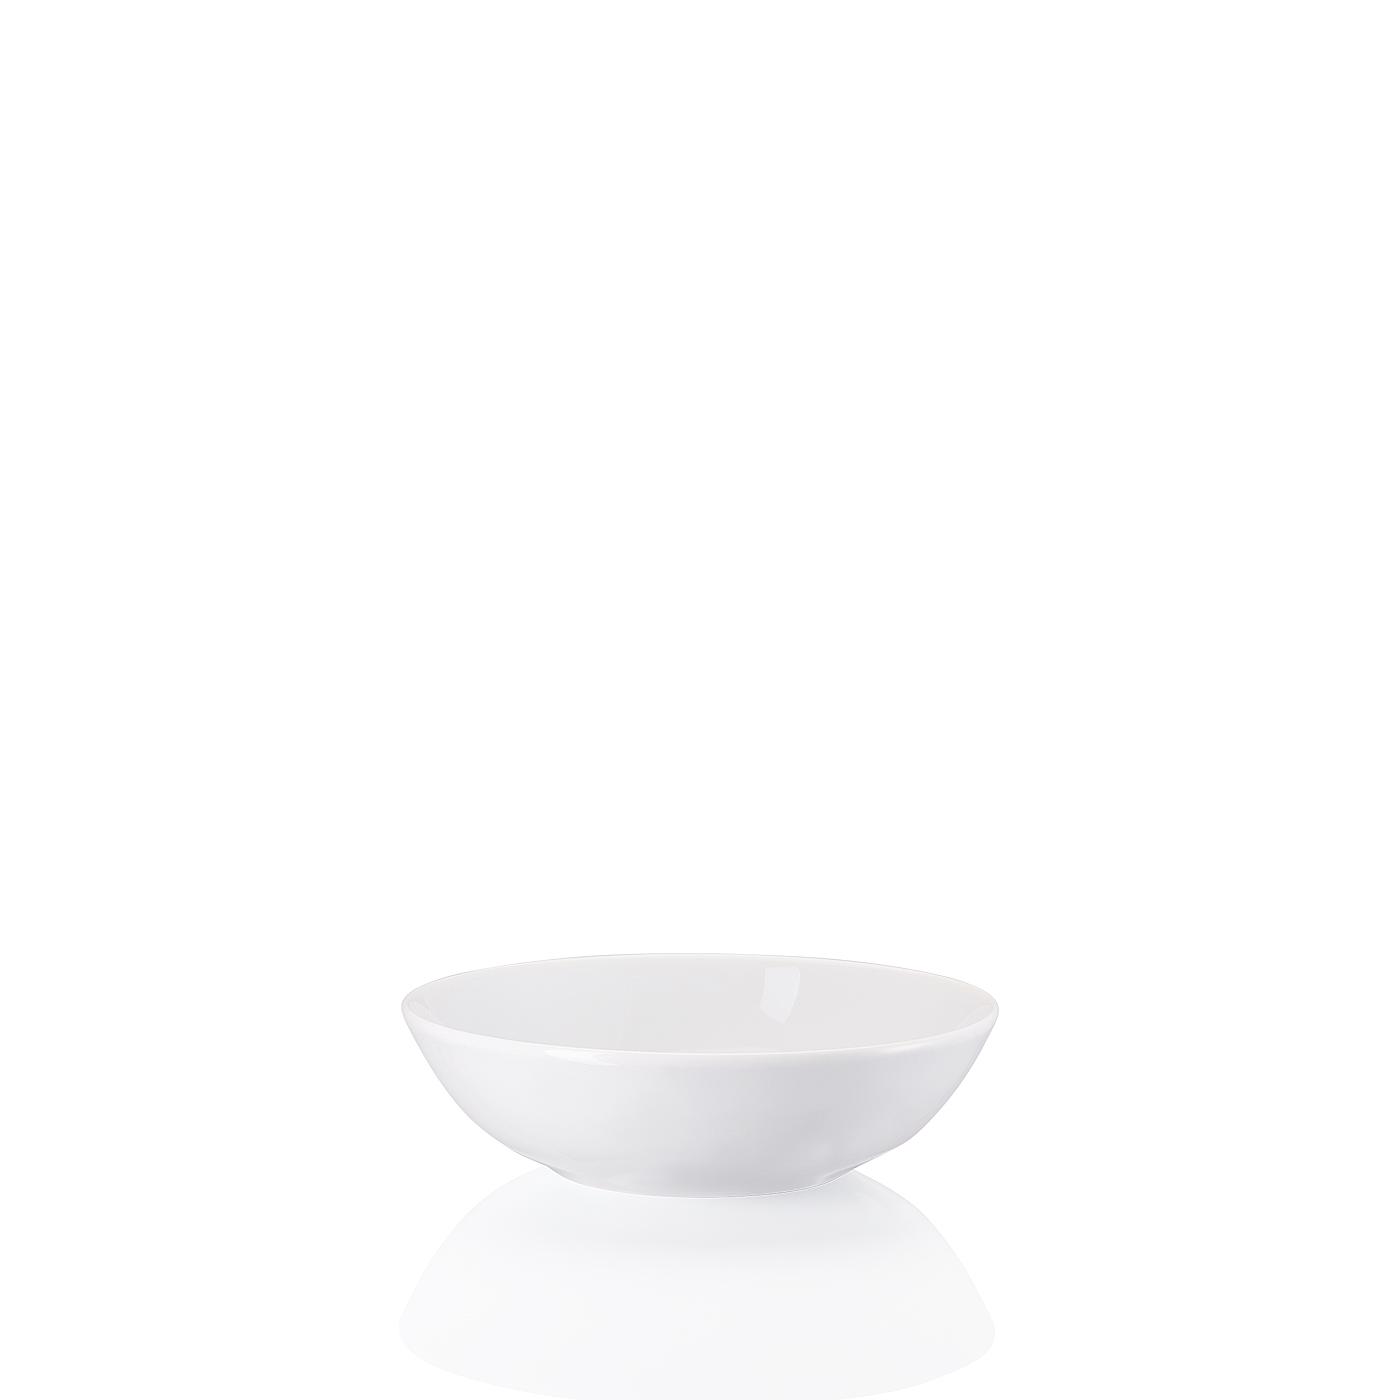 Dessertschale 16 cm Form 1382 Weiss Arzberg